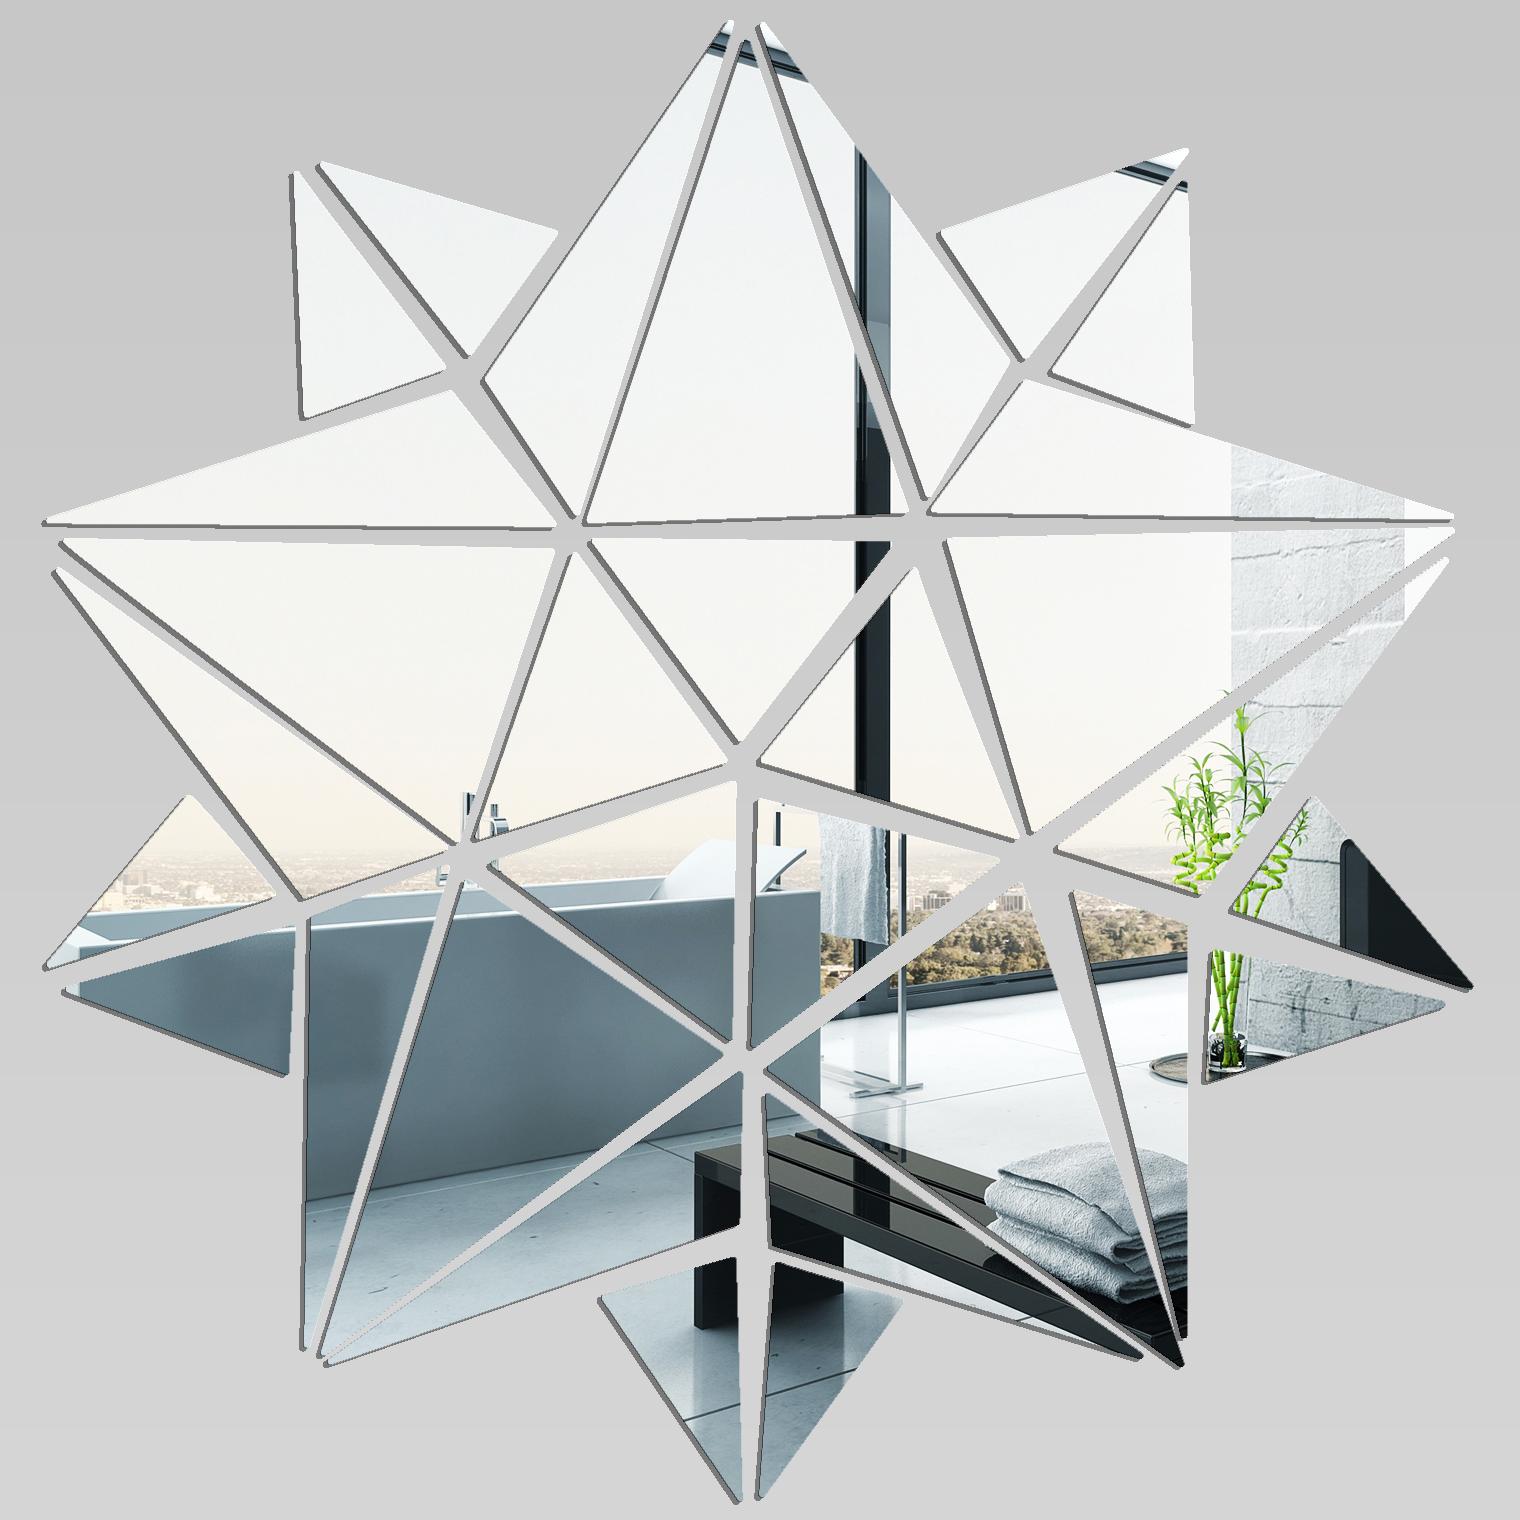 Adesivi follia specchio acrilico plexiglass stelle mosaico - Plexiglass a specchio ...